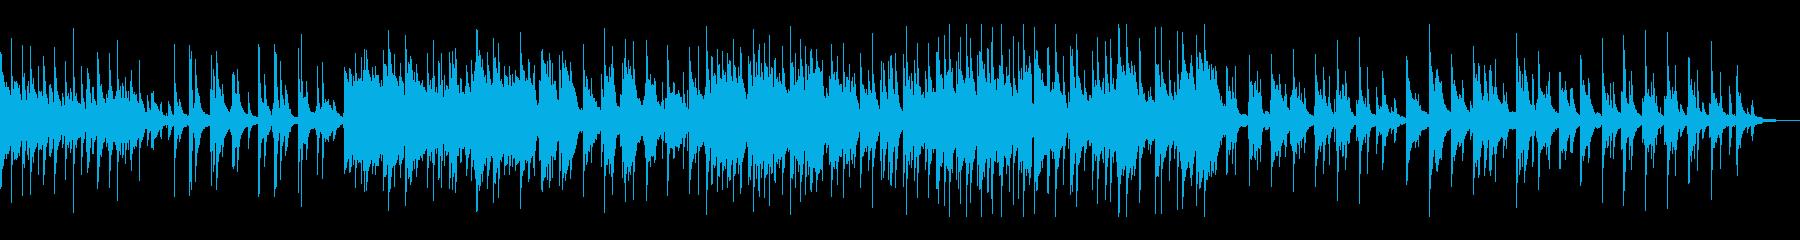 【ピアノ】上品で美しいメロディー・ラインの再生済みの波形